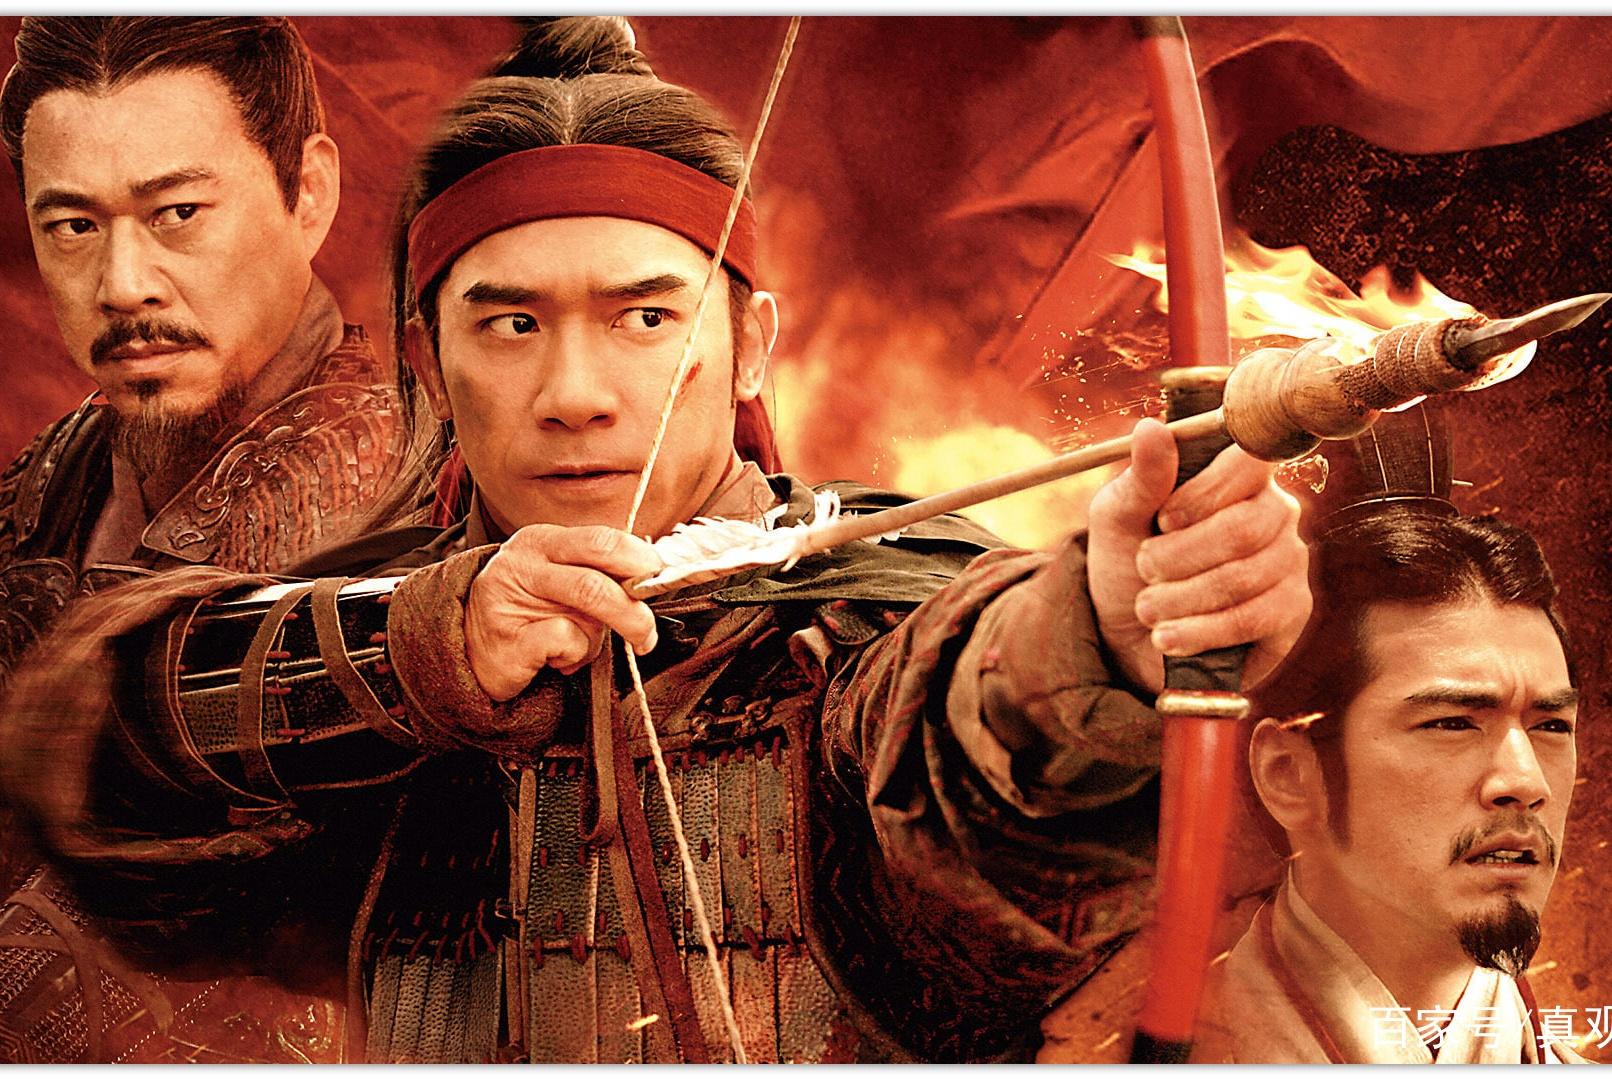 """诸葛亮草船借箭,曹操为何不射""""火箭""""烧船?仅仅因剧情需要吗?"""